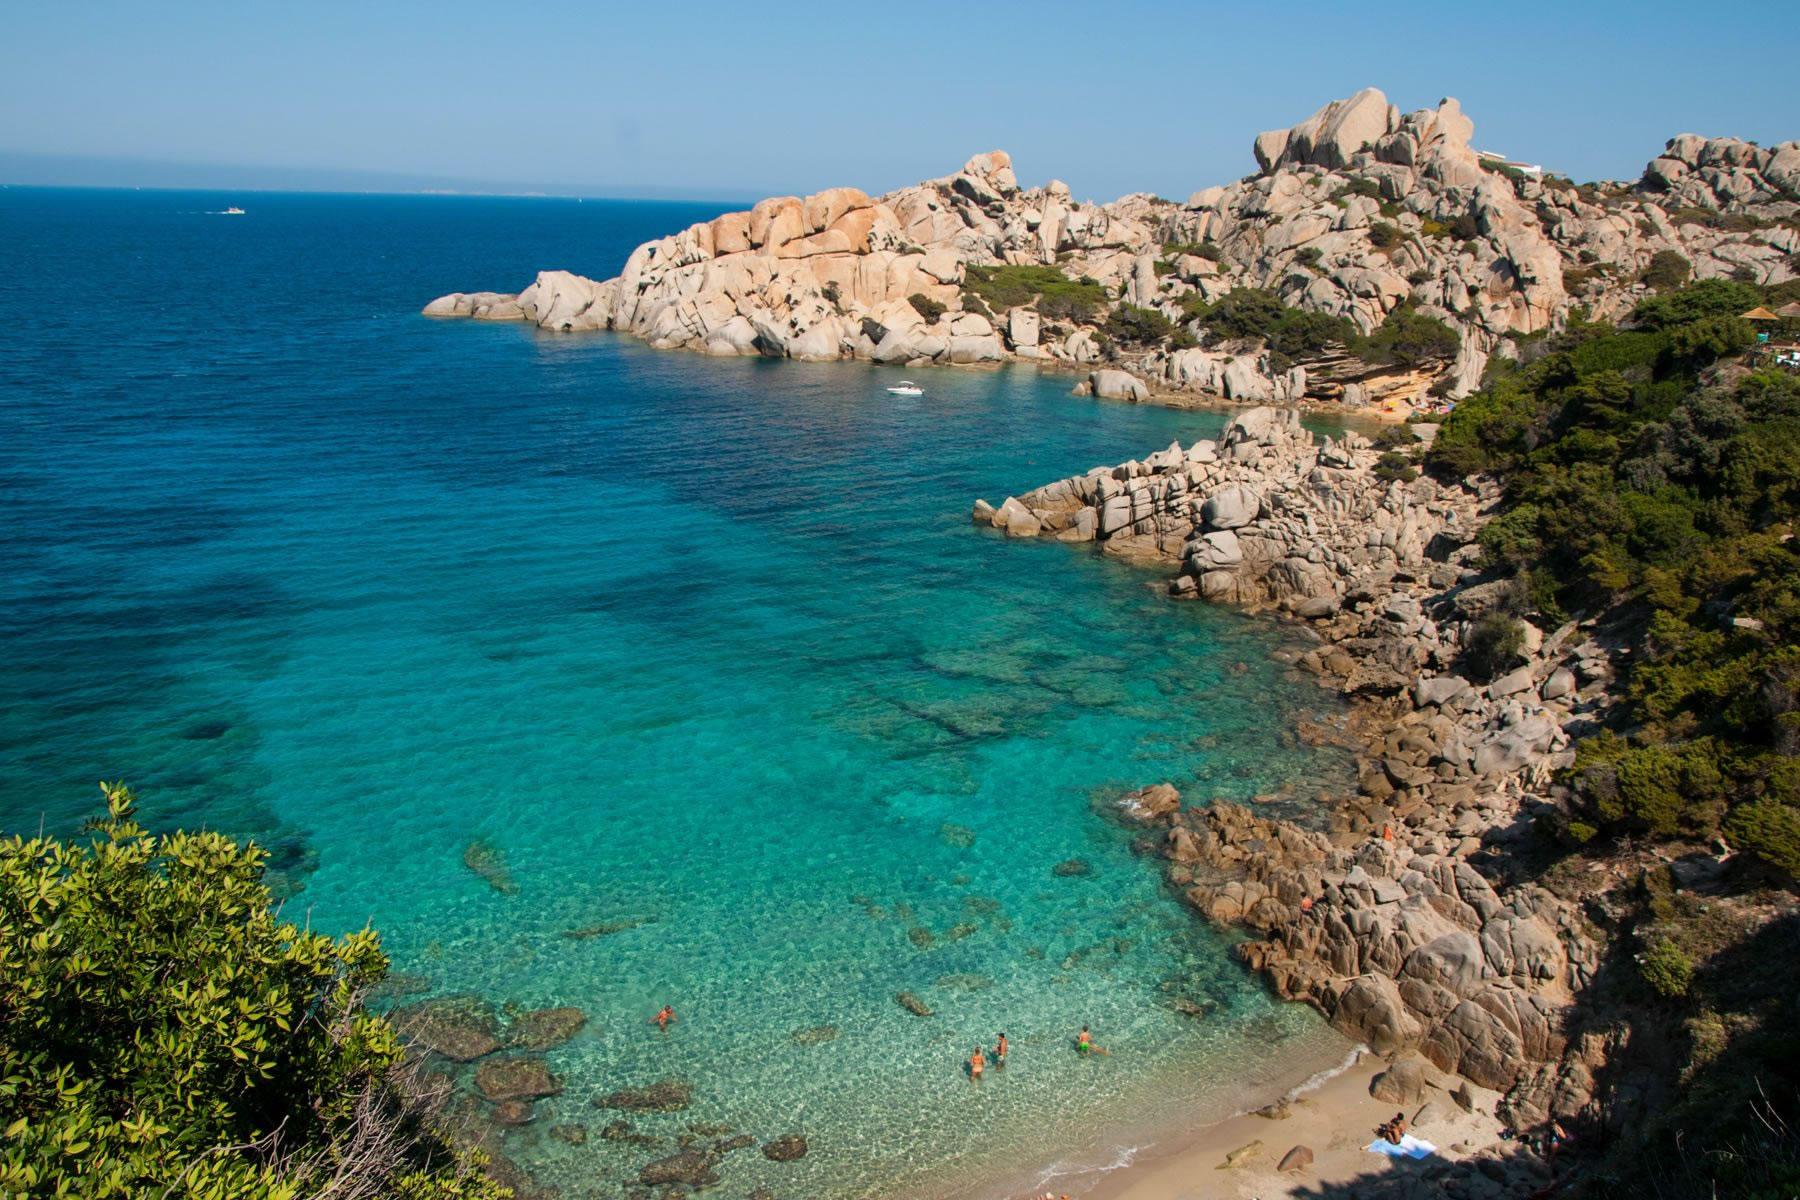 Guida vacanze a santa teresa gallura escursioni e spiagge for Santa teresa di gallura